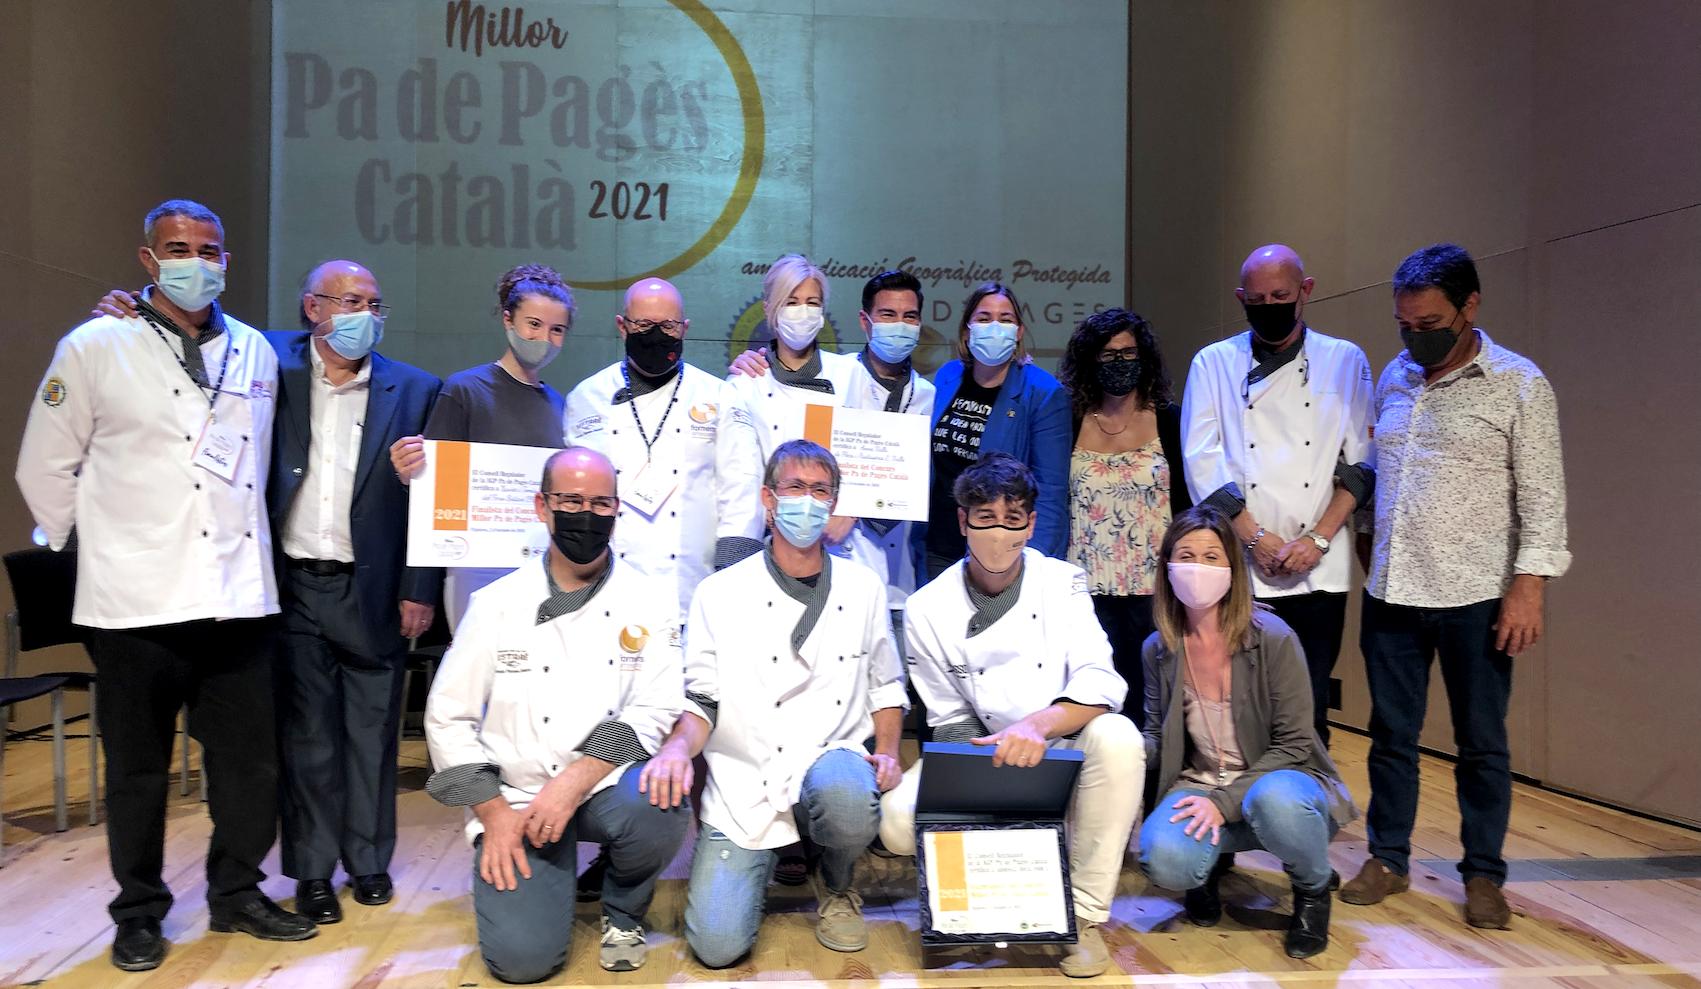 """Andreu Galcerán, ganador del concurso """"Millor pa de pagès Català 2021"""""""